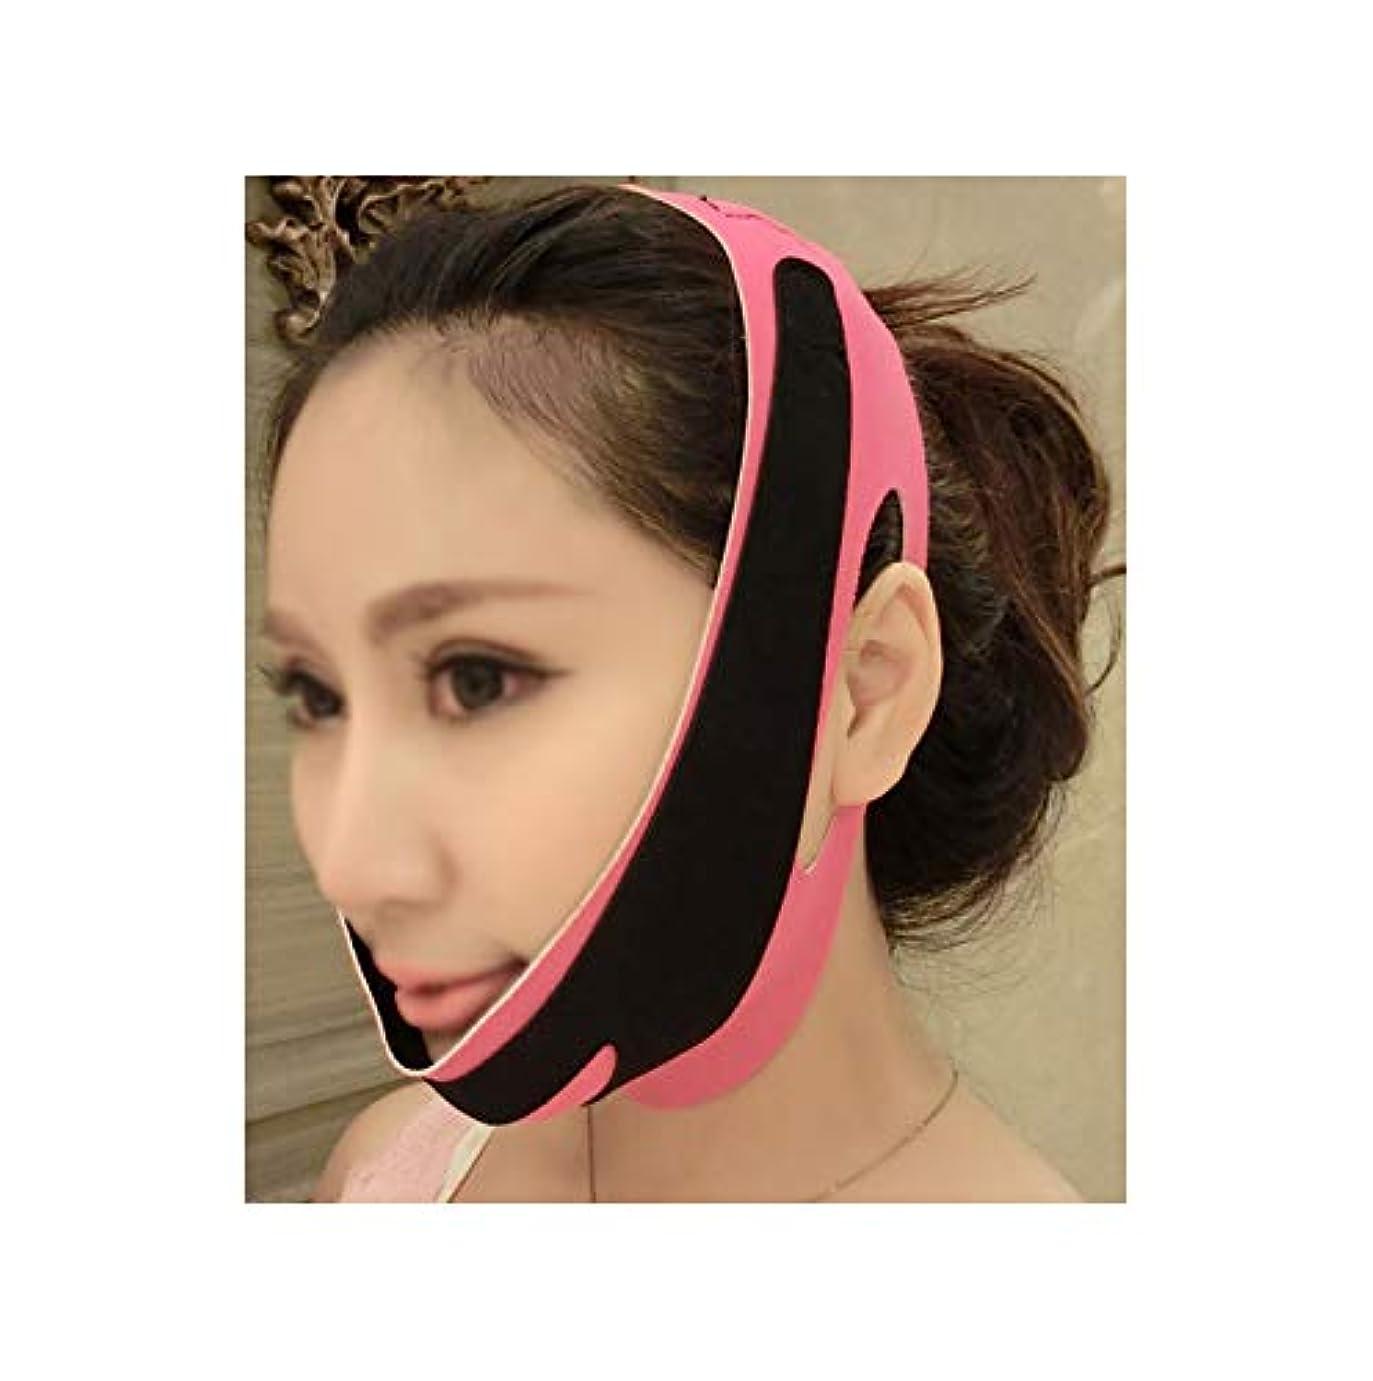 計算可能緩やかな入口TLMY 二重あごを取り除くために顔を持ち上げる包帯顔スリムVラインの顔の形のあごの頬を持ち上げる抗しわリフトベルトフェイシャルマッサージツール女性と女の子3顔包帯 顔用整形マスク